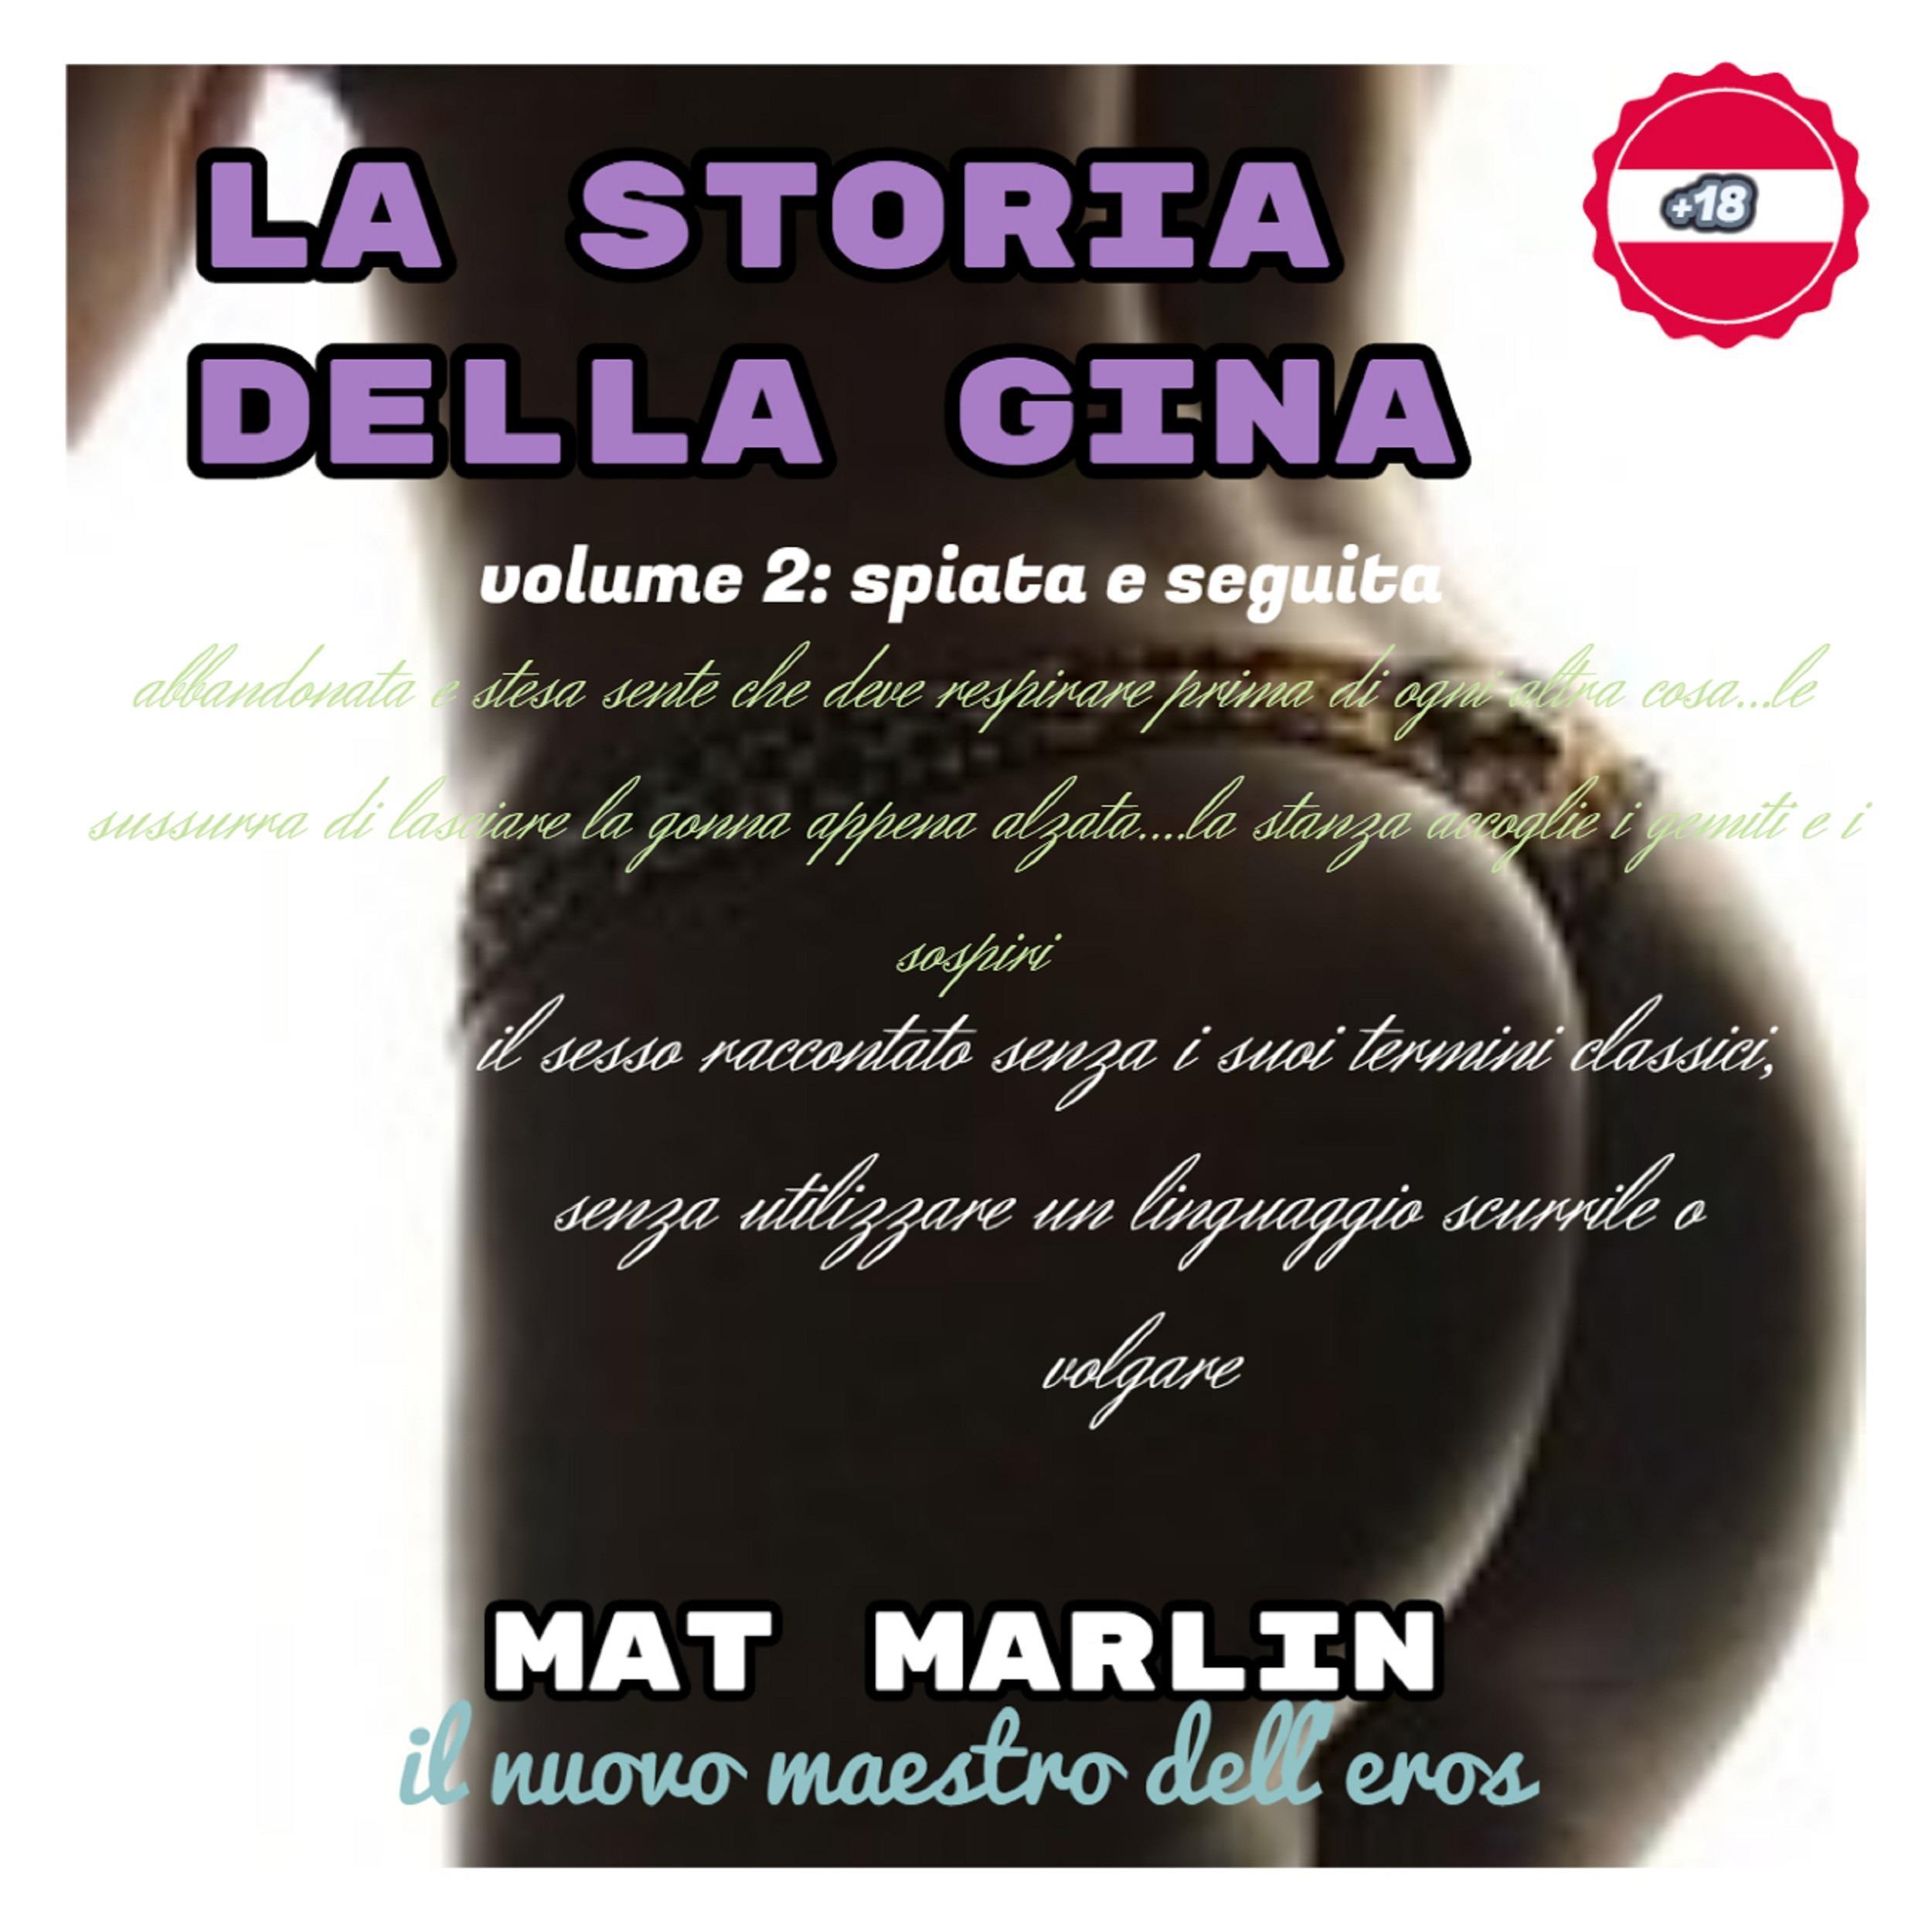 La storia della Gina, volume due, spiata e seguita